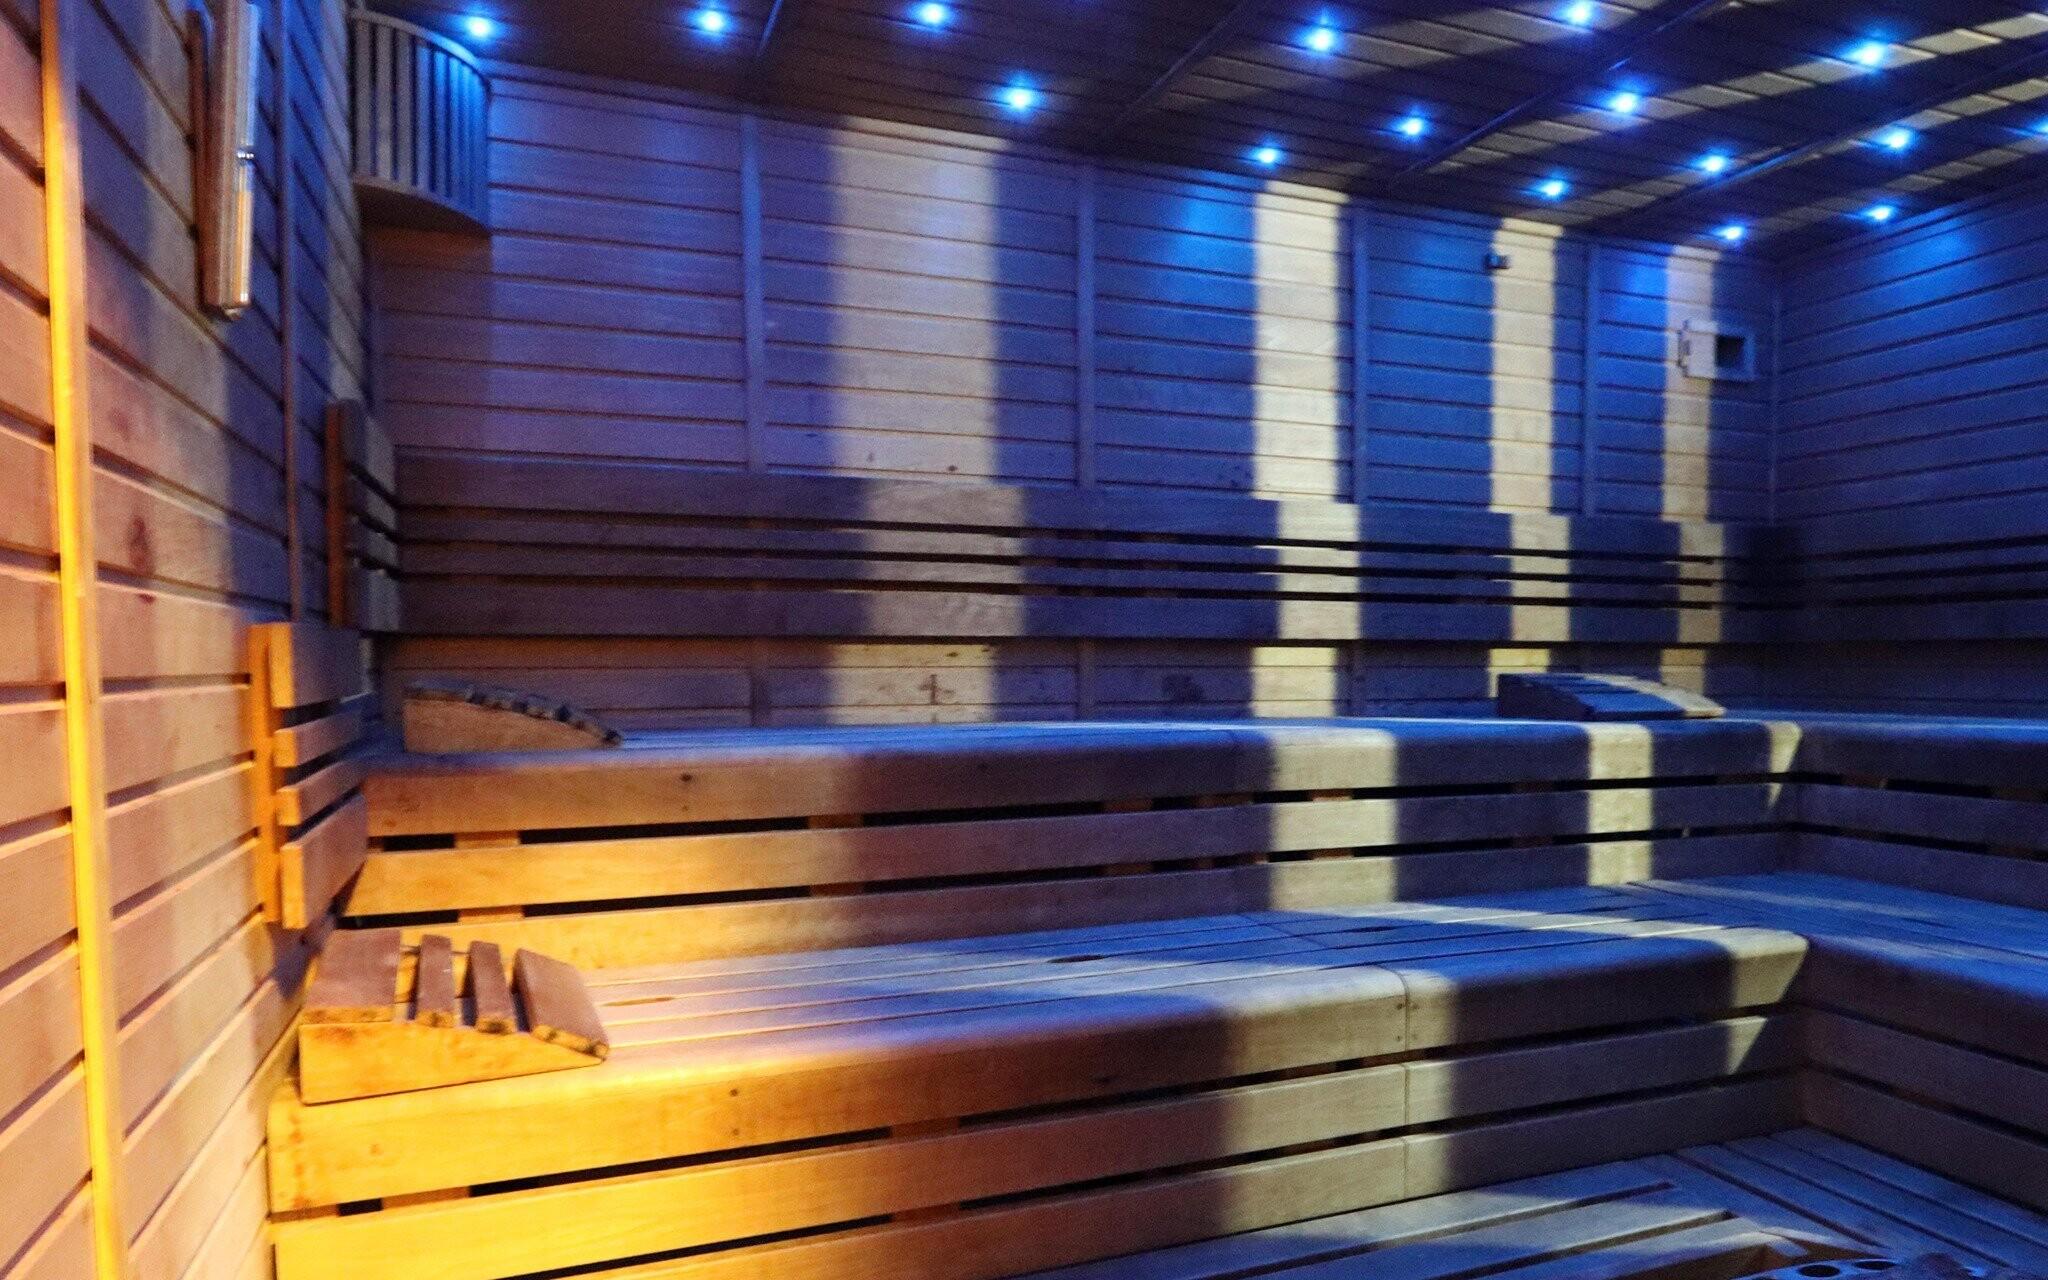 Wellness centrum, finská sauna, Hotel Corona, jižní Čechy